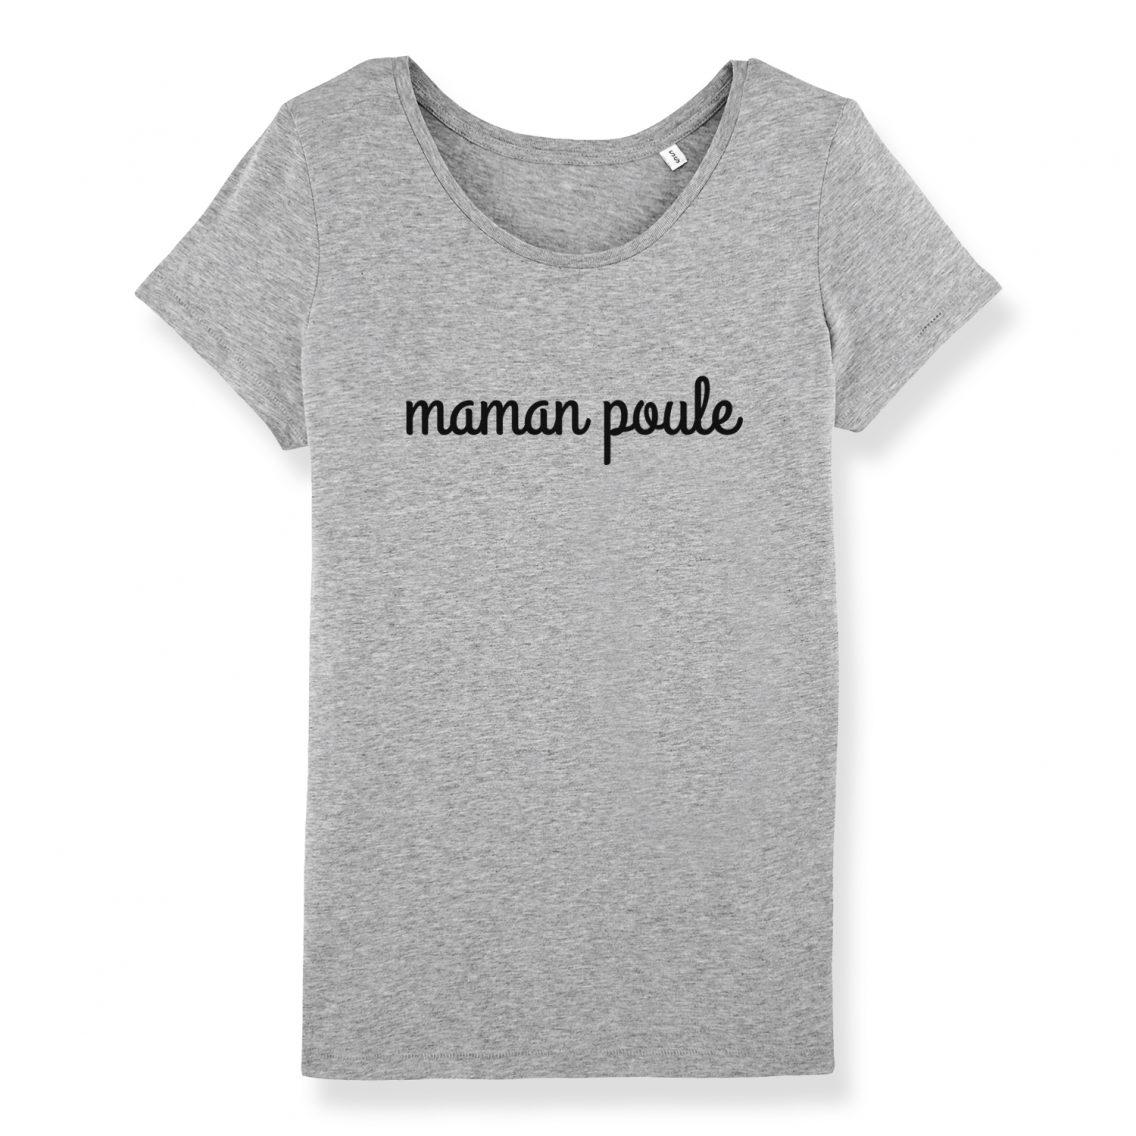 T-shirt maman poule - Atelier du Quai